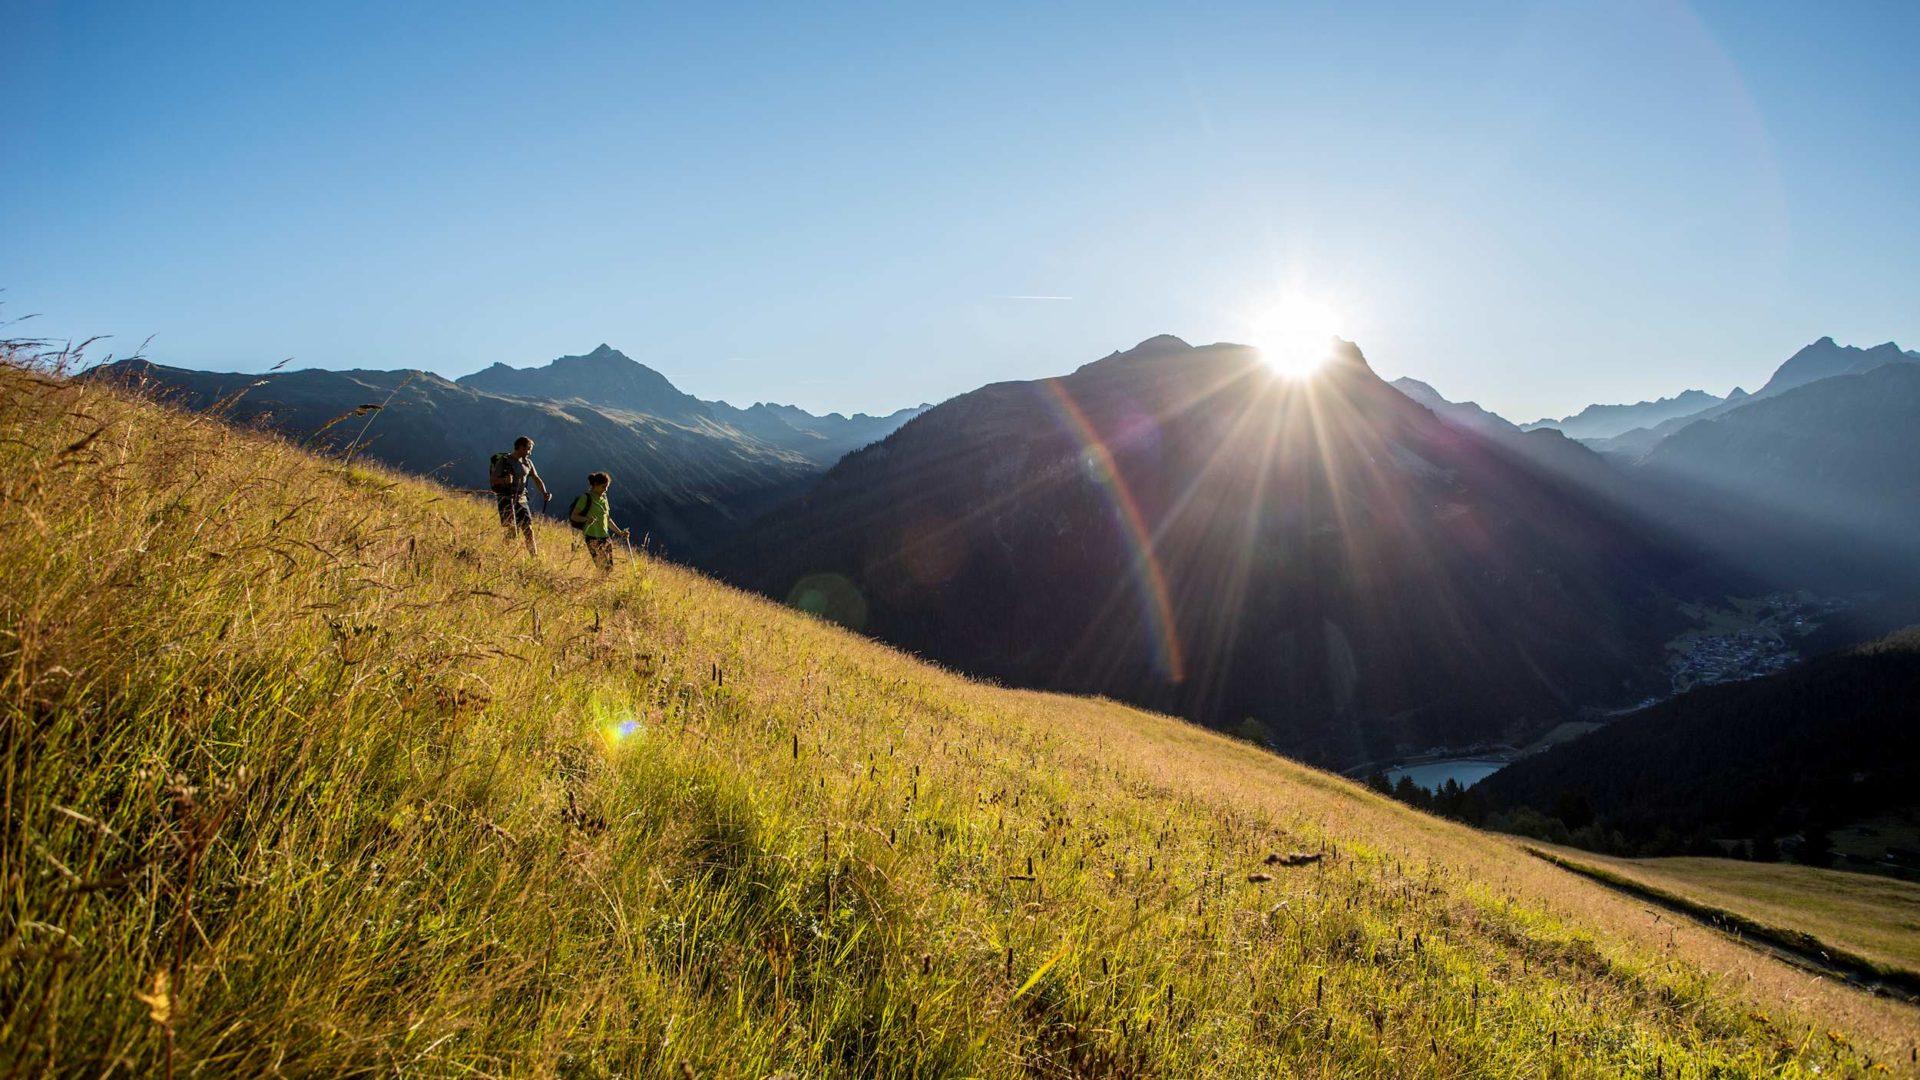 Wandern in Gaschurn, Herbst im Montafon, Vorarlberg (c) Daniel Zangerl - Montafon Tourismus GmbH, Schruns